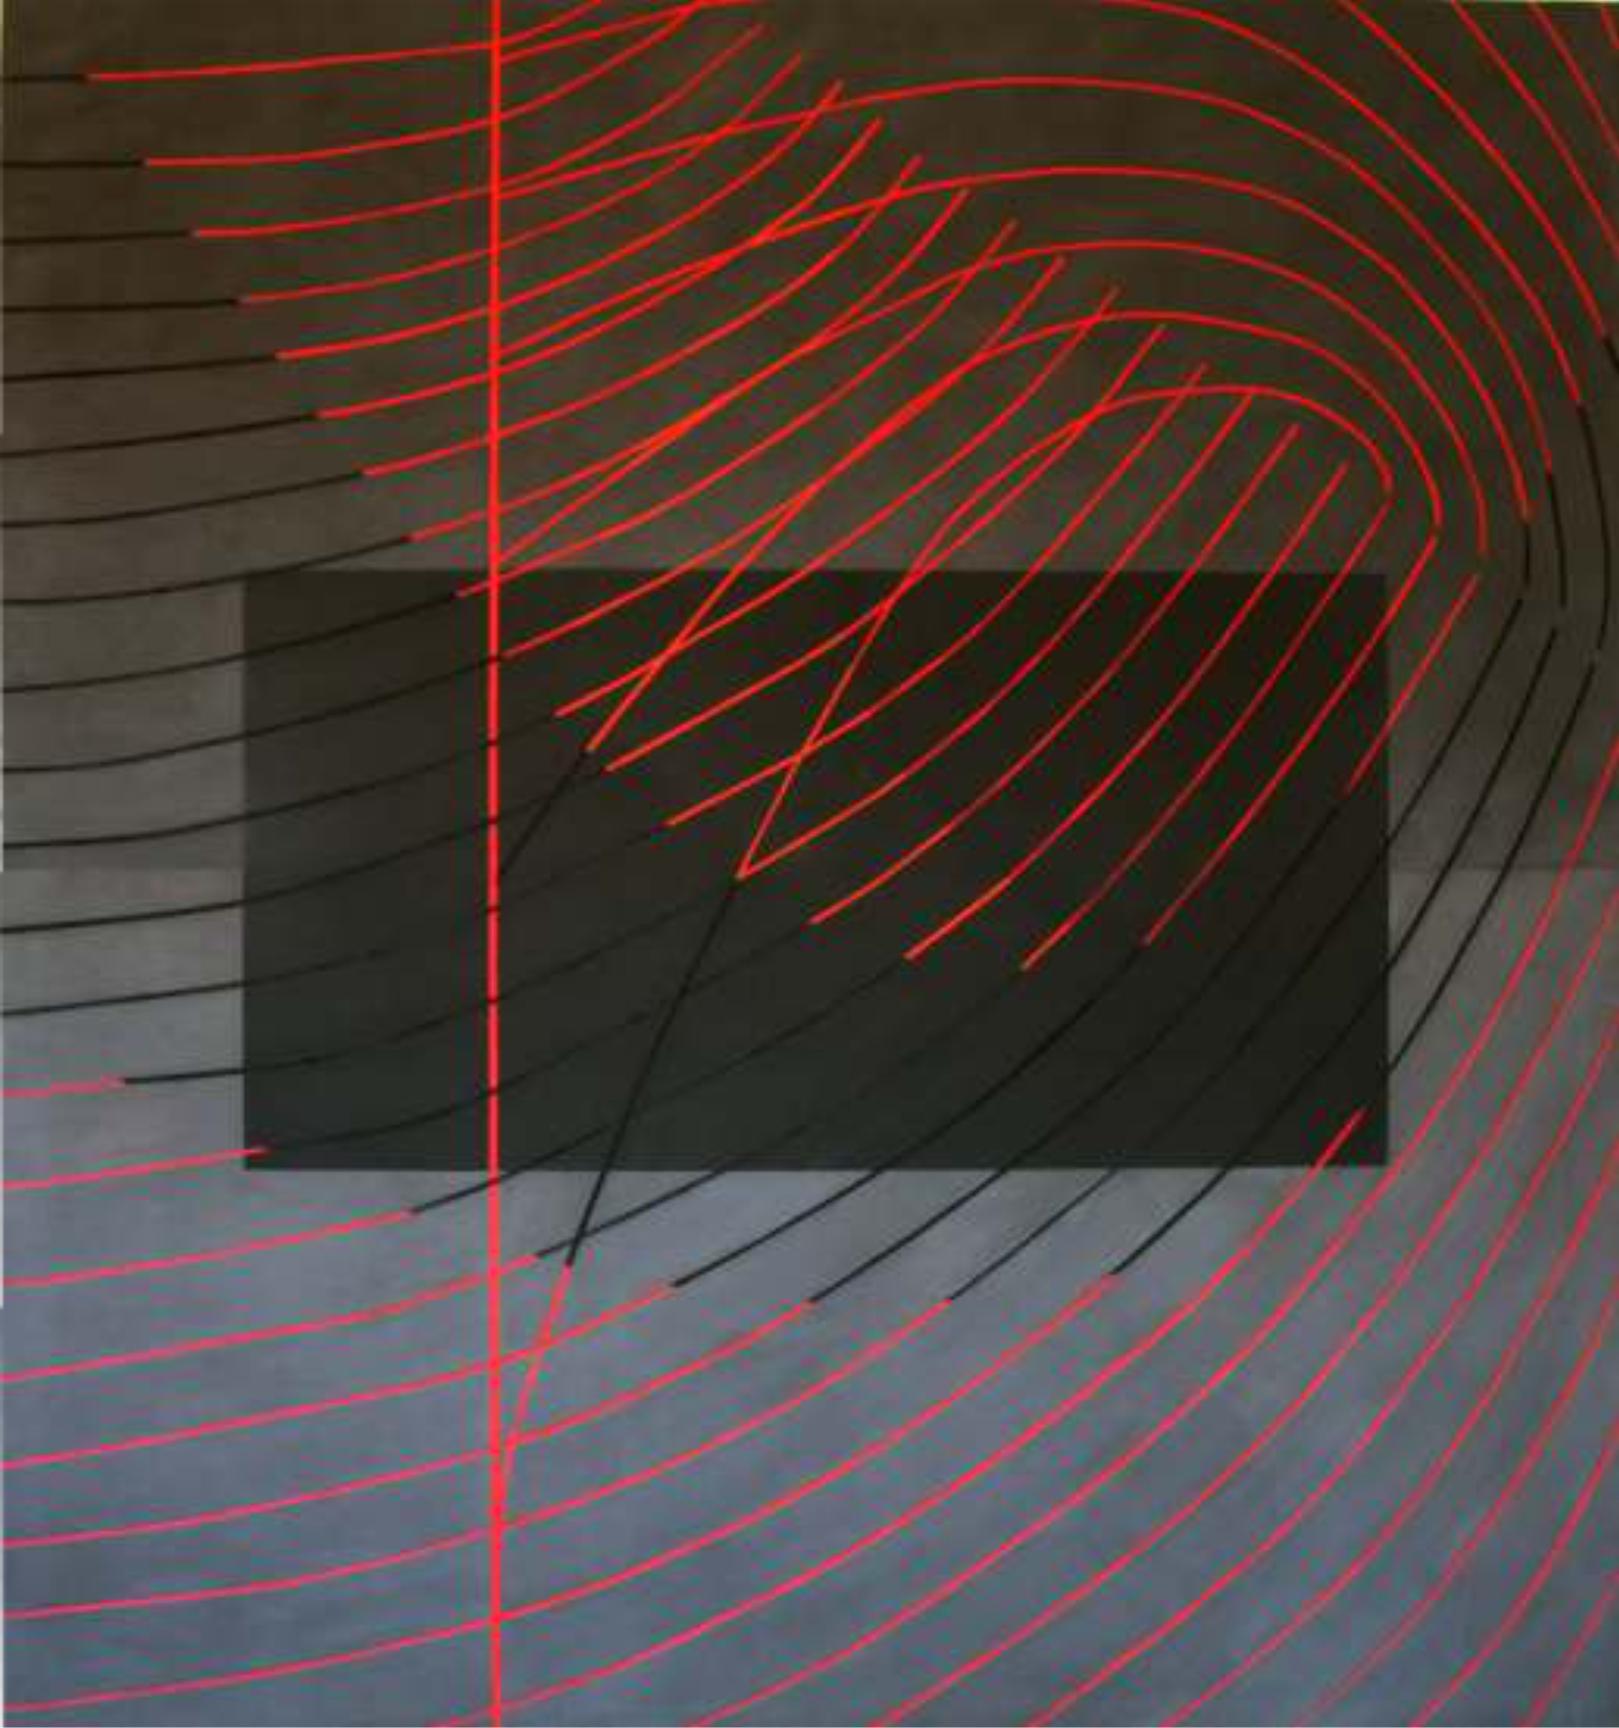 Aladradas 140 x130 cm. Acrílico sobre tela.